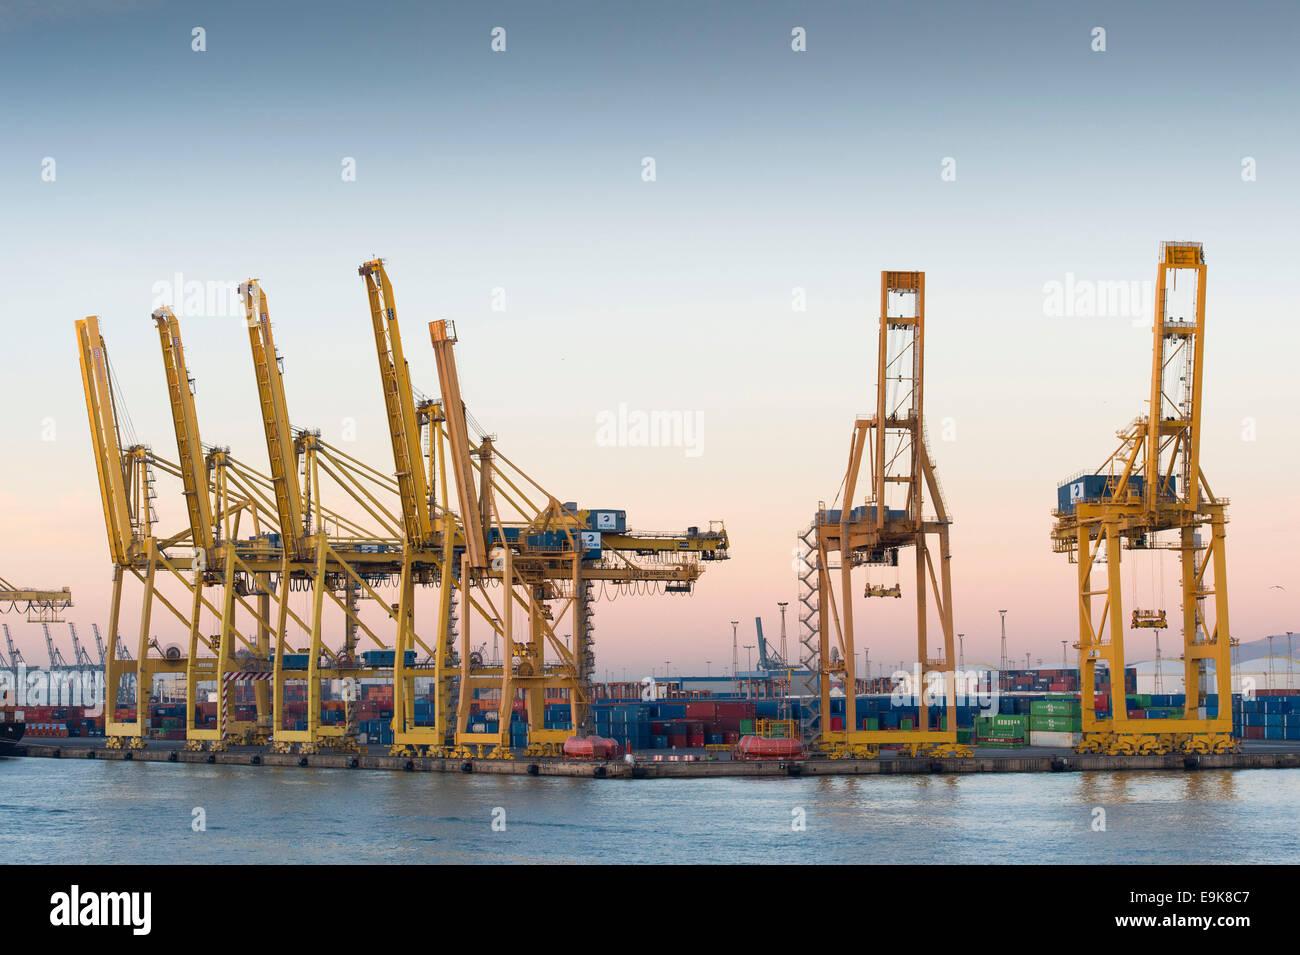 Gelben Kräne bewegen Versandbehälter an Barcelonas Hafen - Port de Barcelona - bei Sonnenaufgang. Stockbild